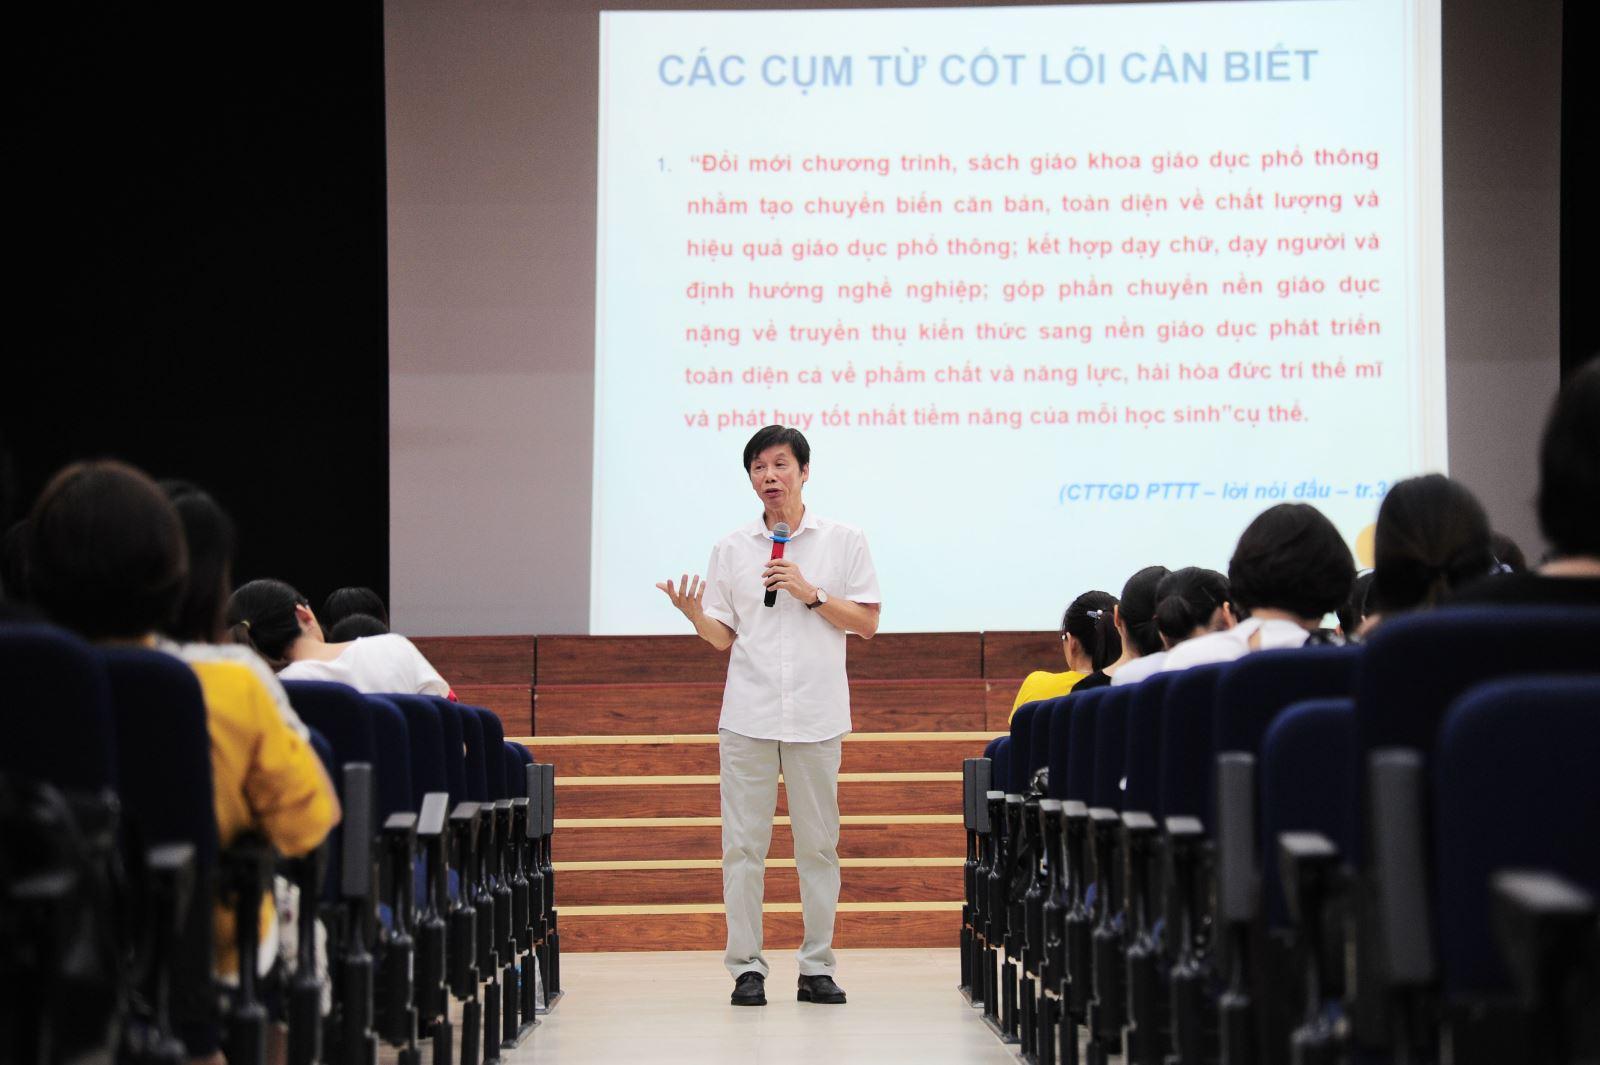 Quận Cầu Giấy tổ chức chuyên đề bồi dưỡng giáo viên tại trường Nguyễn Siêu